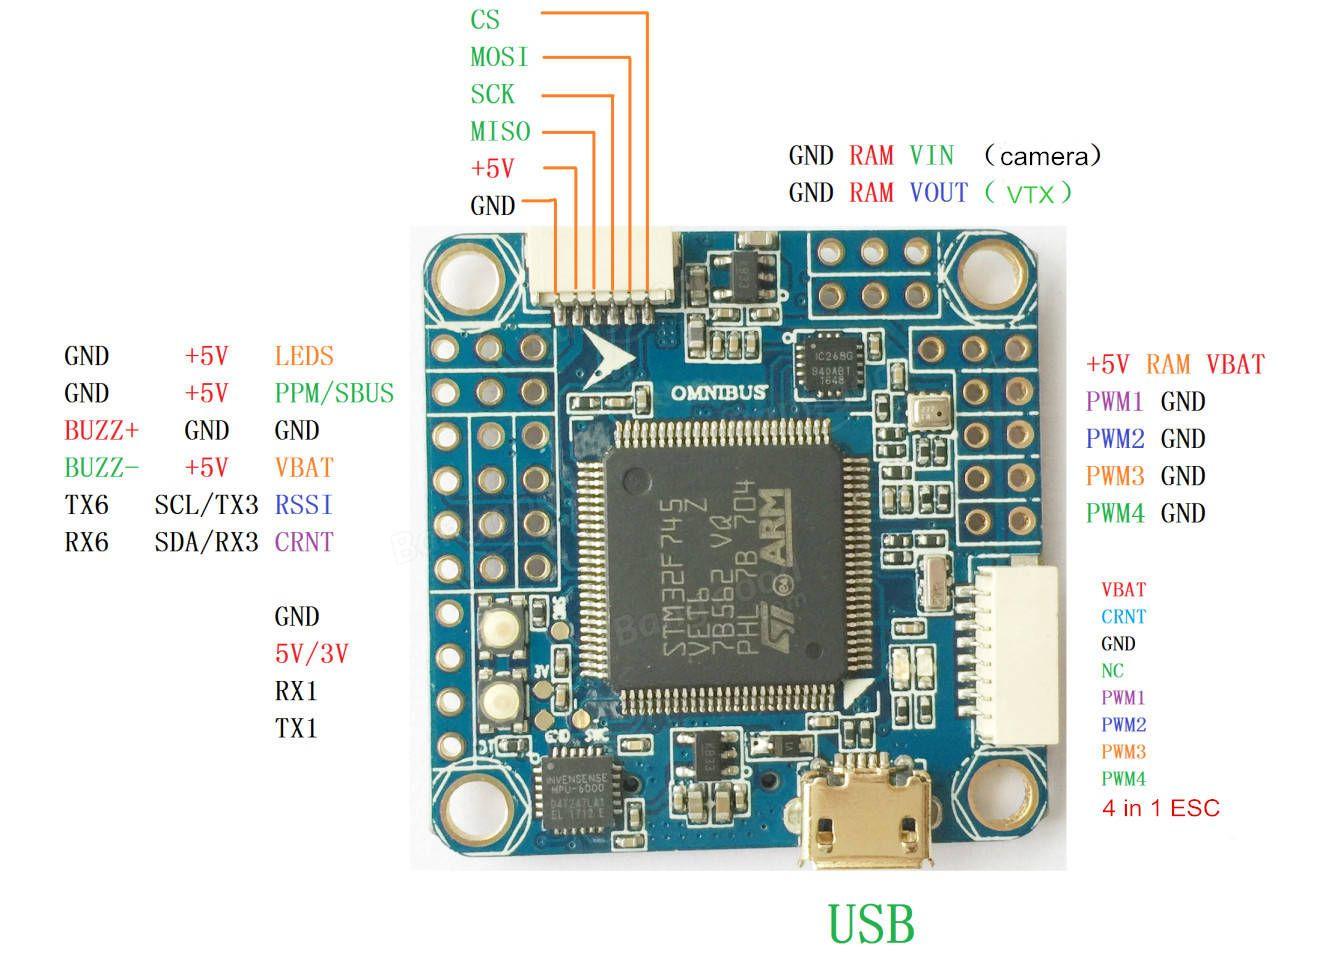 medium resolution of bf3 2 omnibus f7 flight controller stm32 f745 integrated osd built in 5v 2a